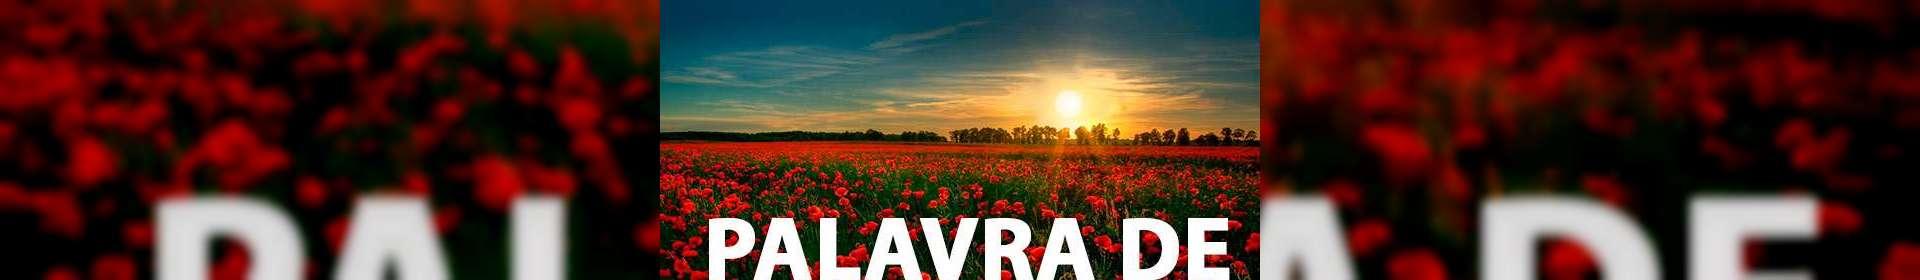 Salmos 142:4,5 - Uma Palavra de Esperança para sua vida